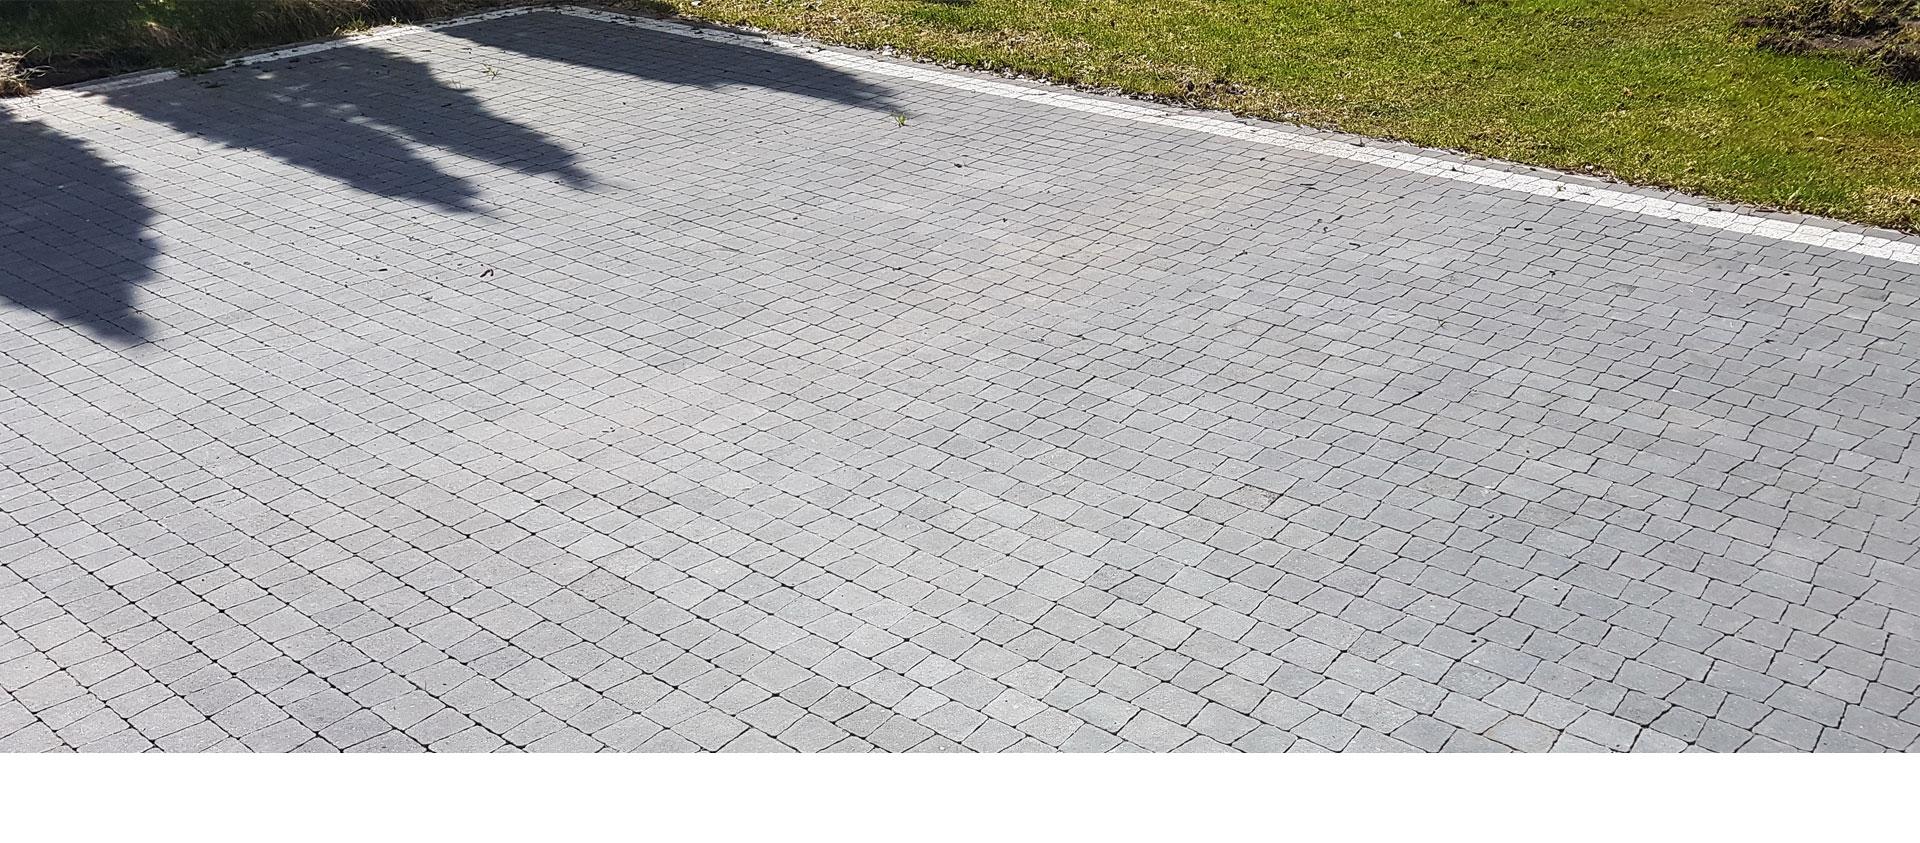 Trwałe i funkcjonalne wyroby betonowe w praktyce, czyli dlaczego warto dbać o detale?